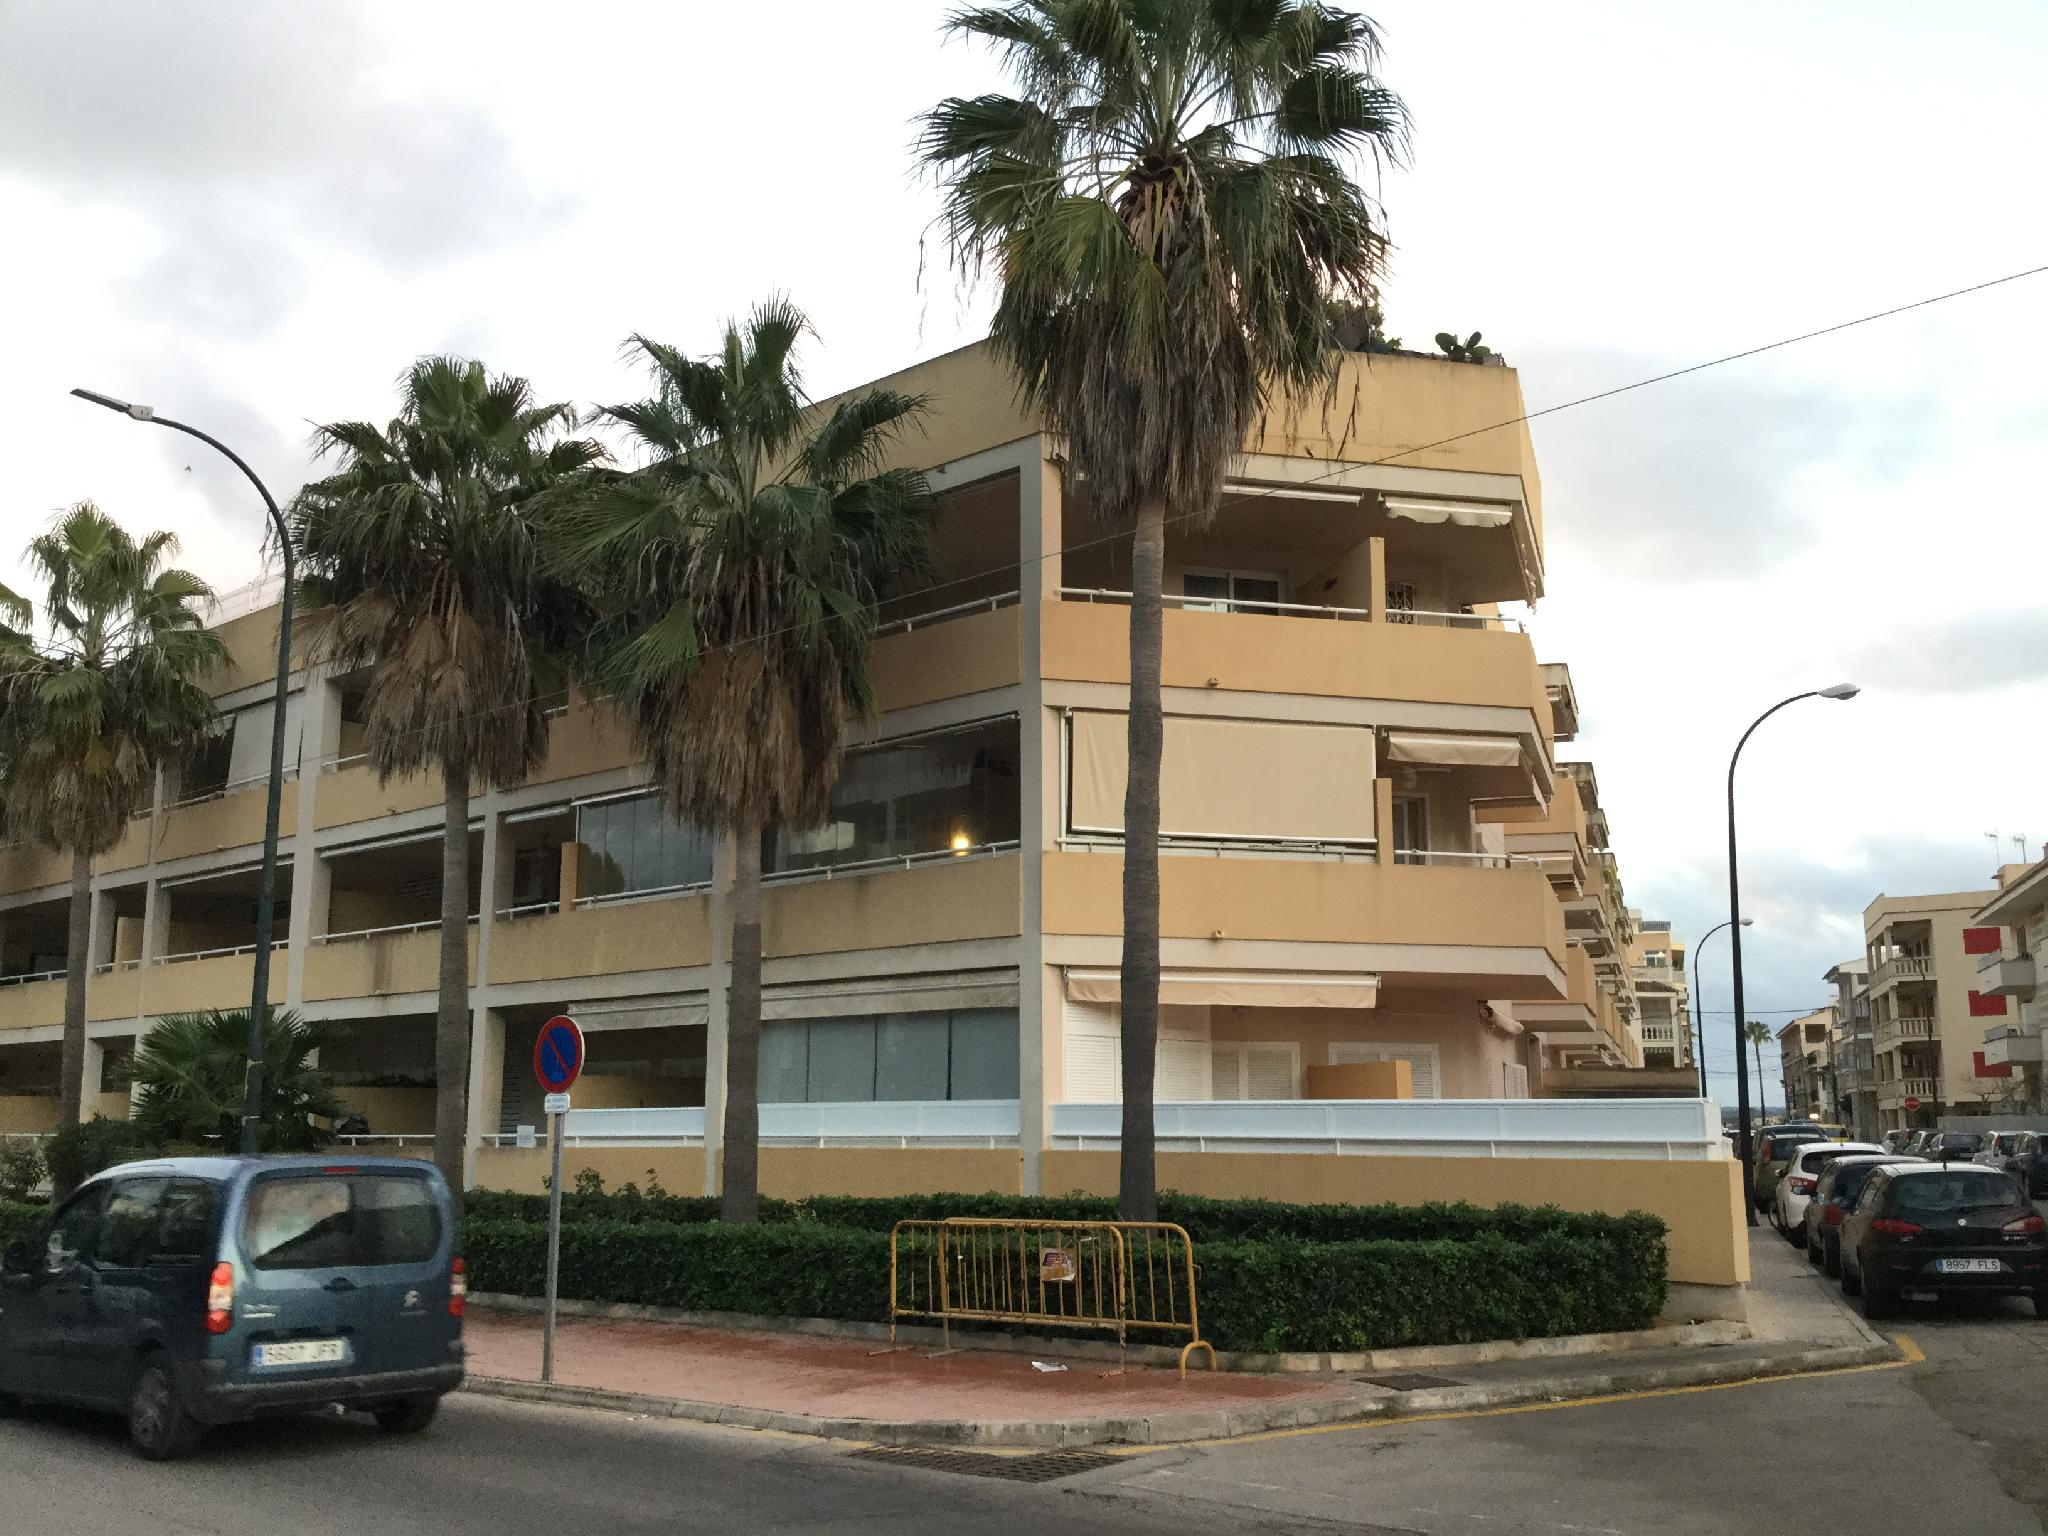 218112 - Colonia Sant Jordi